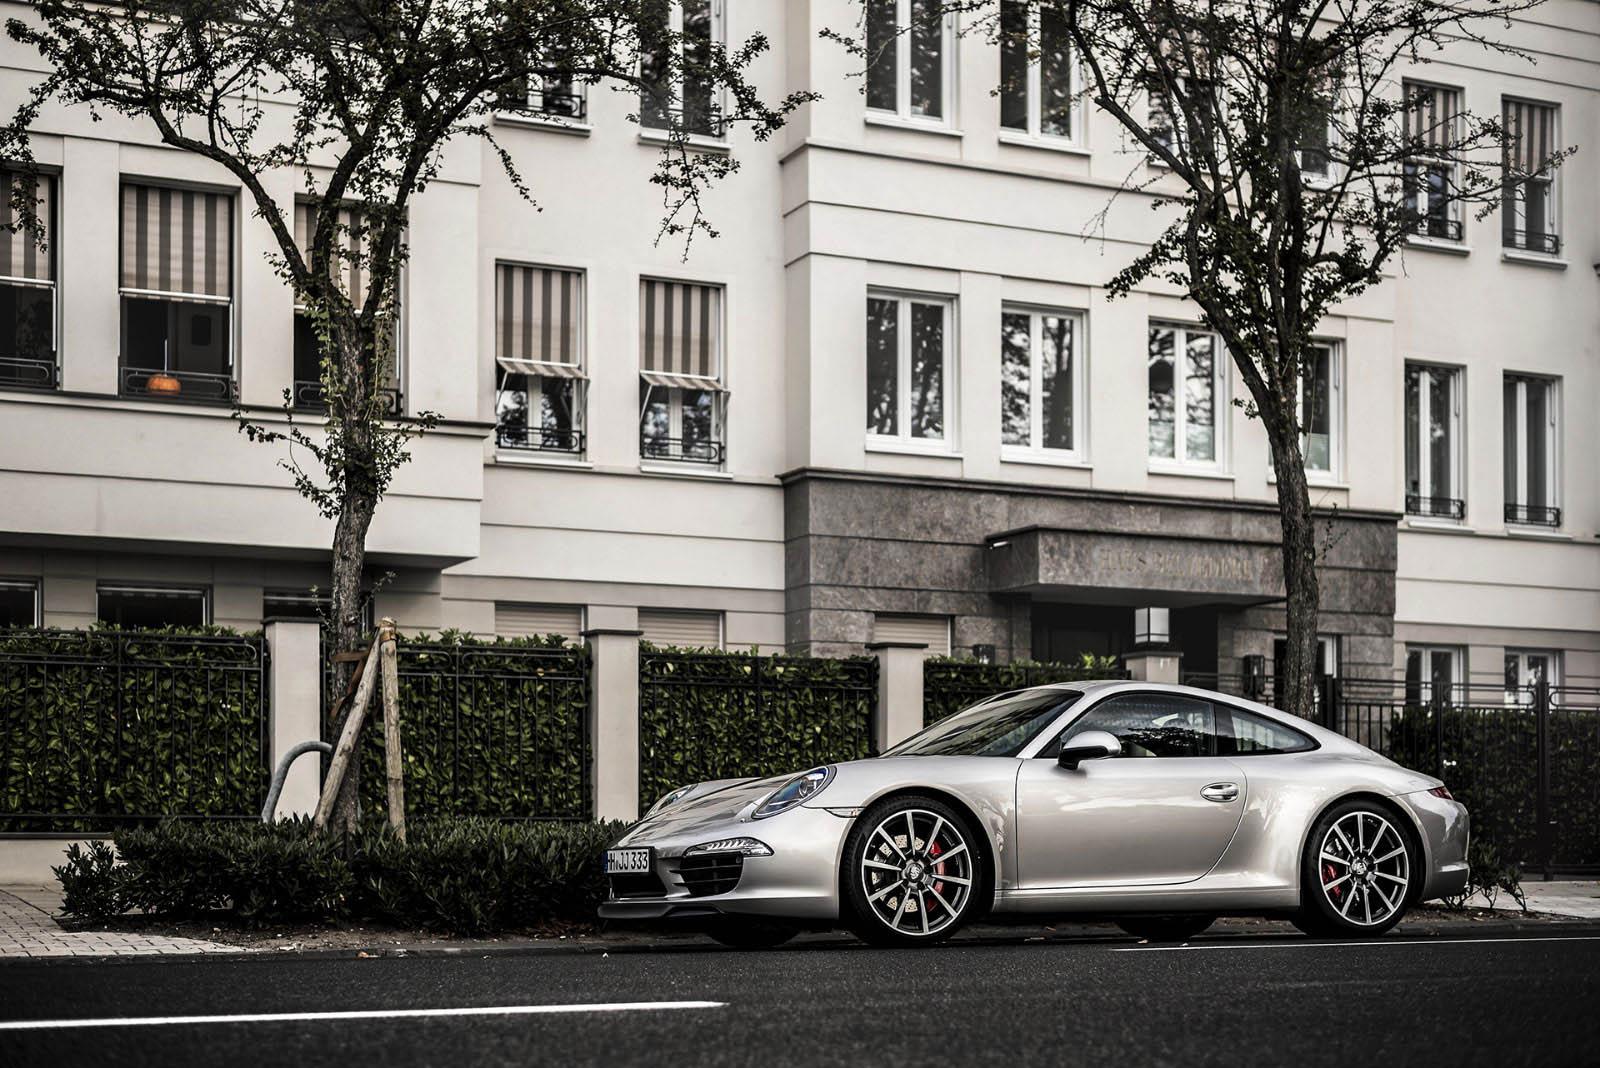 B+K_Sportwagen_Rheinland_GmbH_Porsche_991_S_16